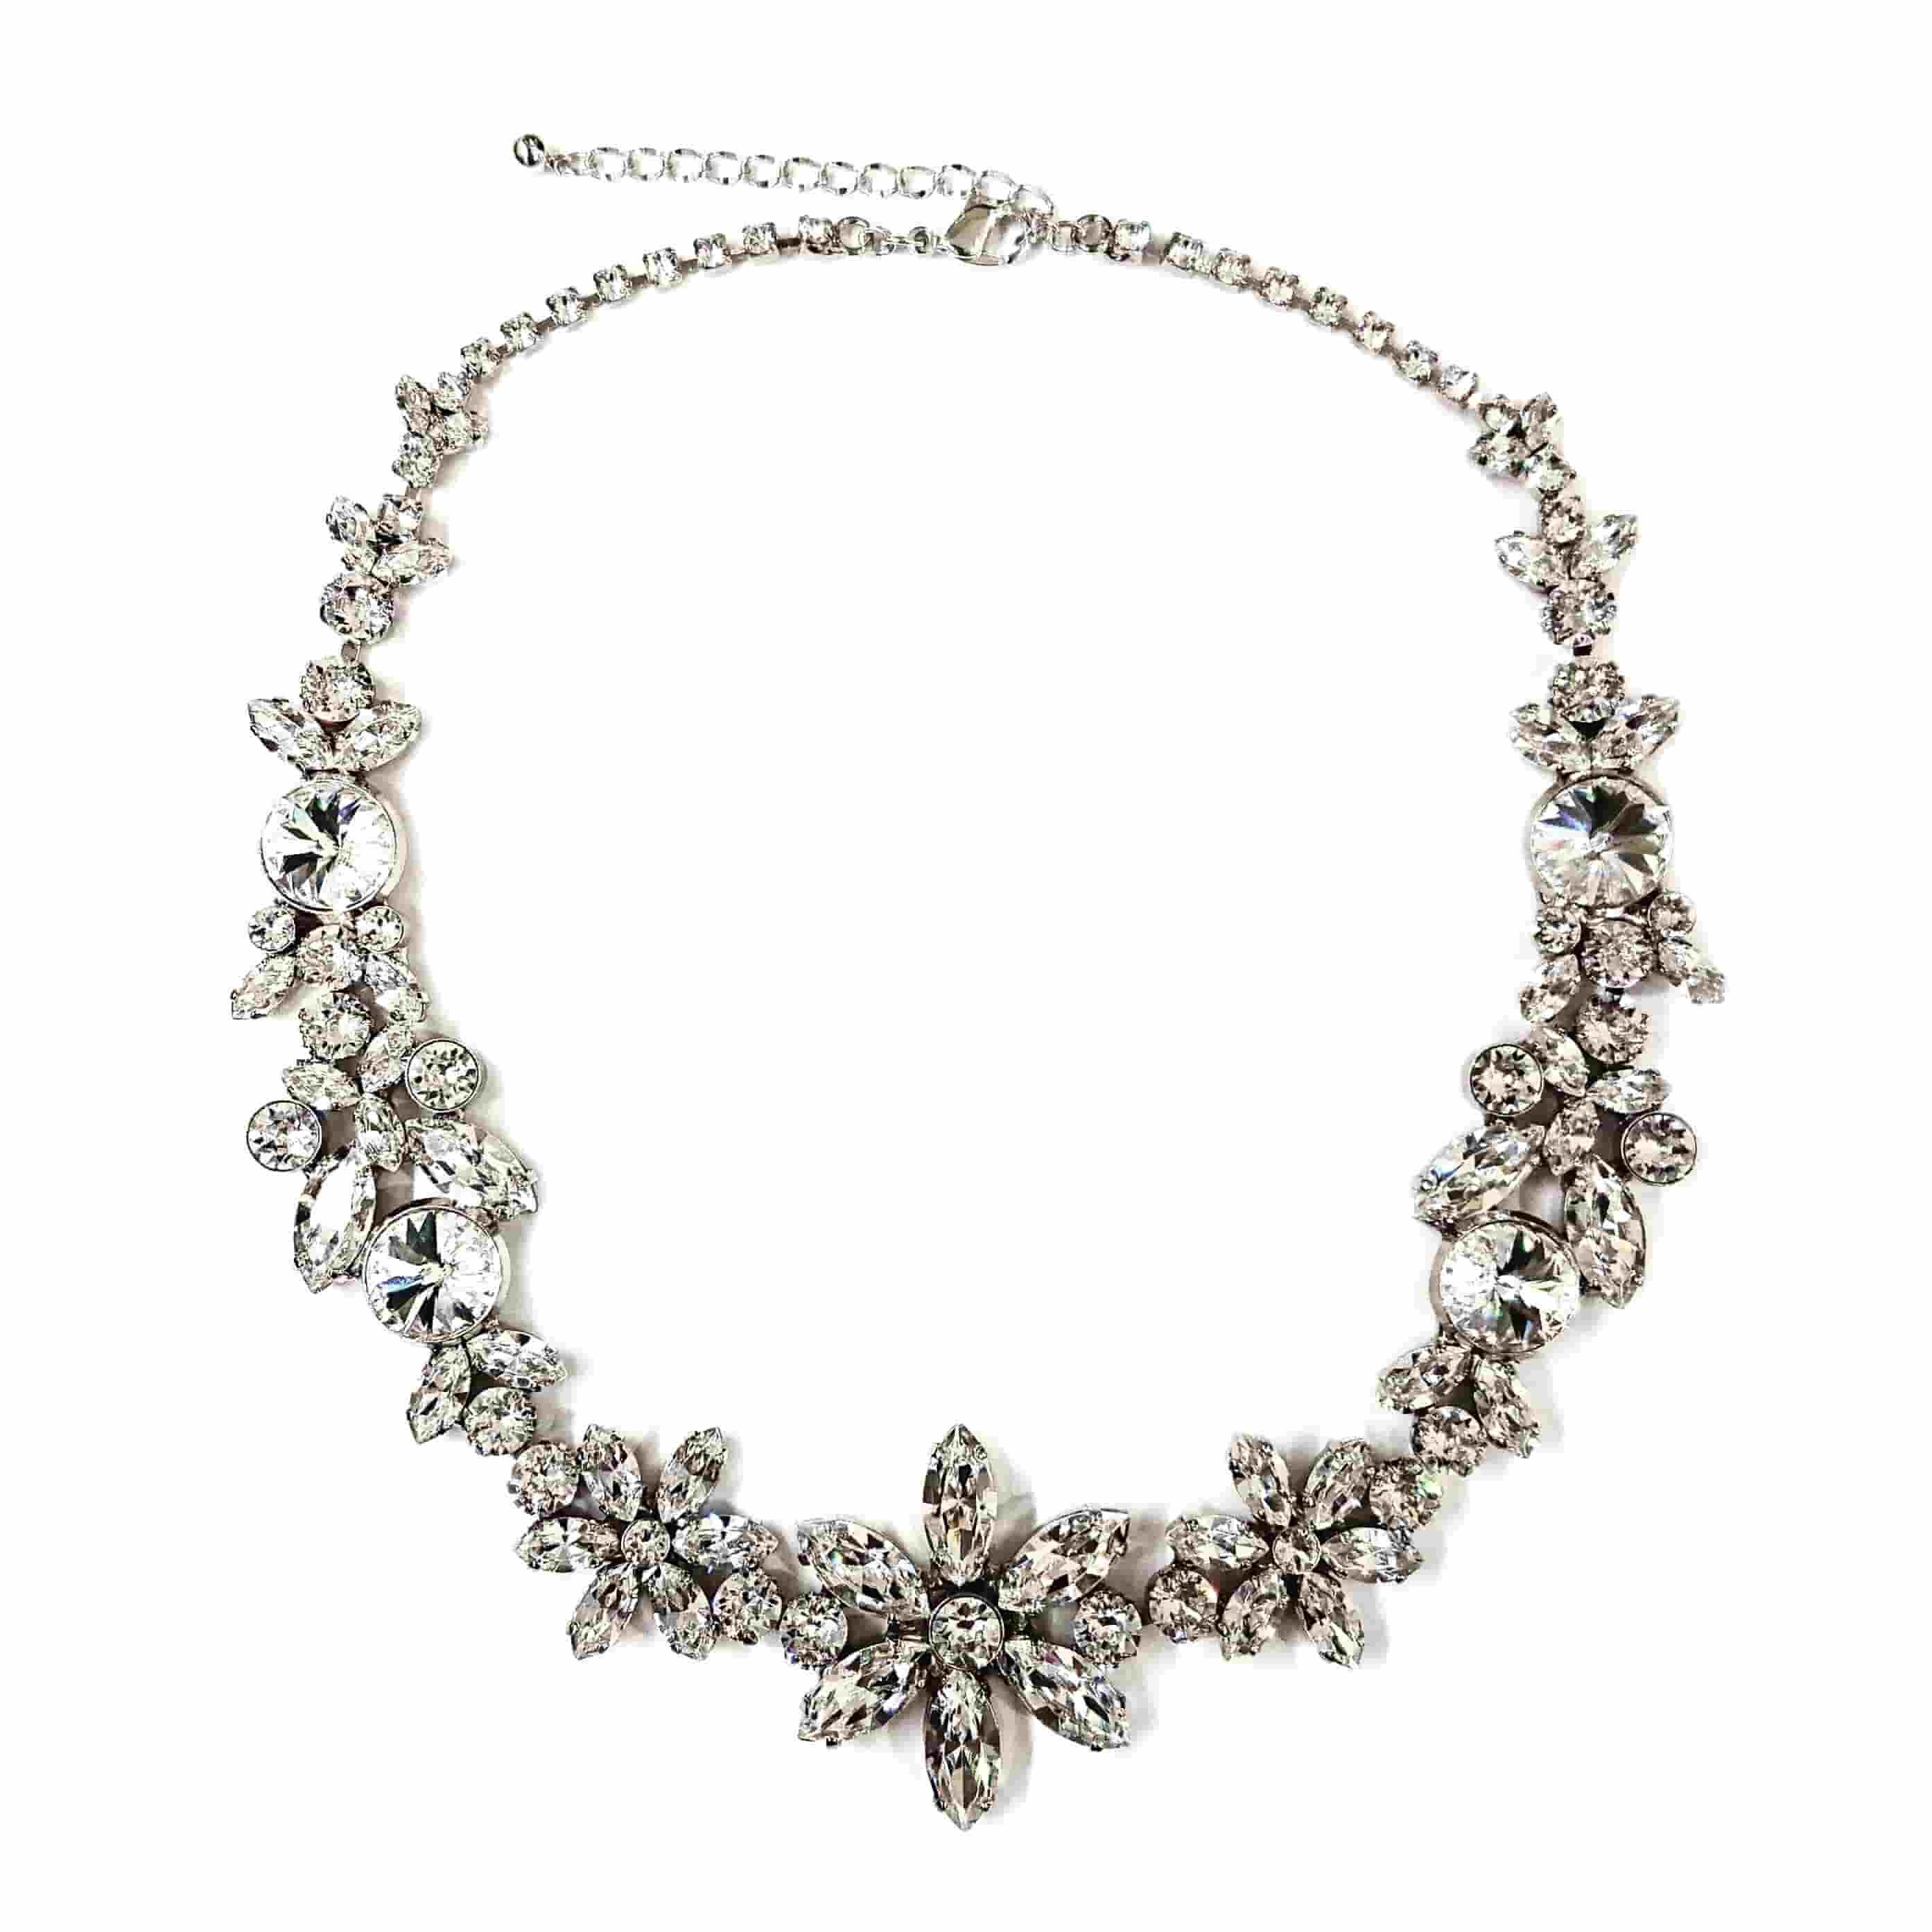 スワロフスキーを使ったブライダル ネックレス 大ぶりのモチーフでかわいいお花のデザイン №225